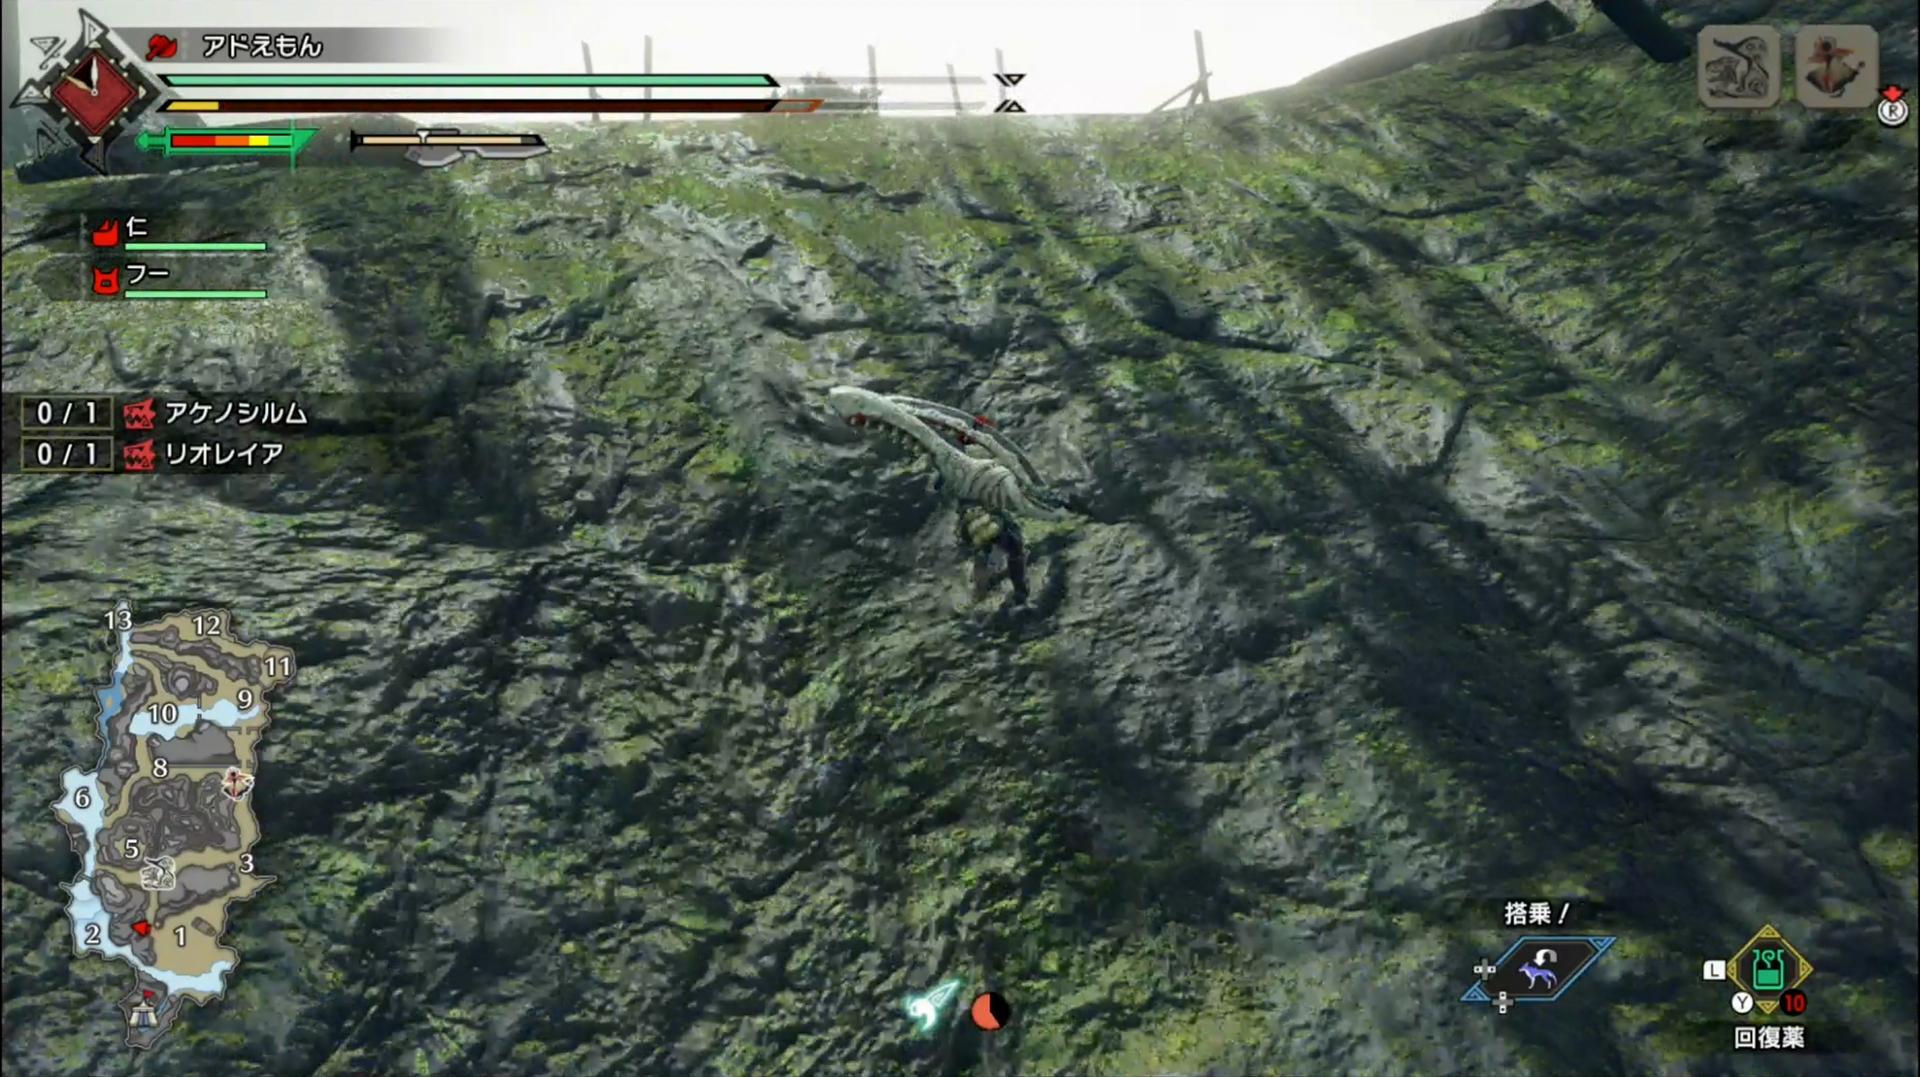 「疾翔け」で壁に張り付けばそのまま壁を走り回る「壁走り」に繋げられる。これによって高い段差や崖も軽々超えることが可能なのだ